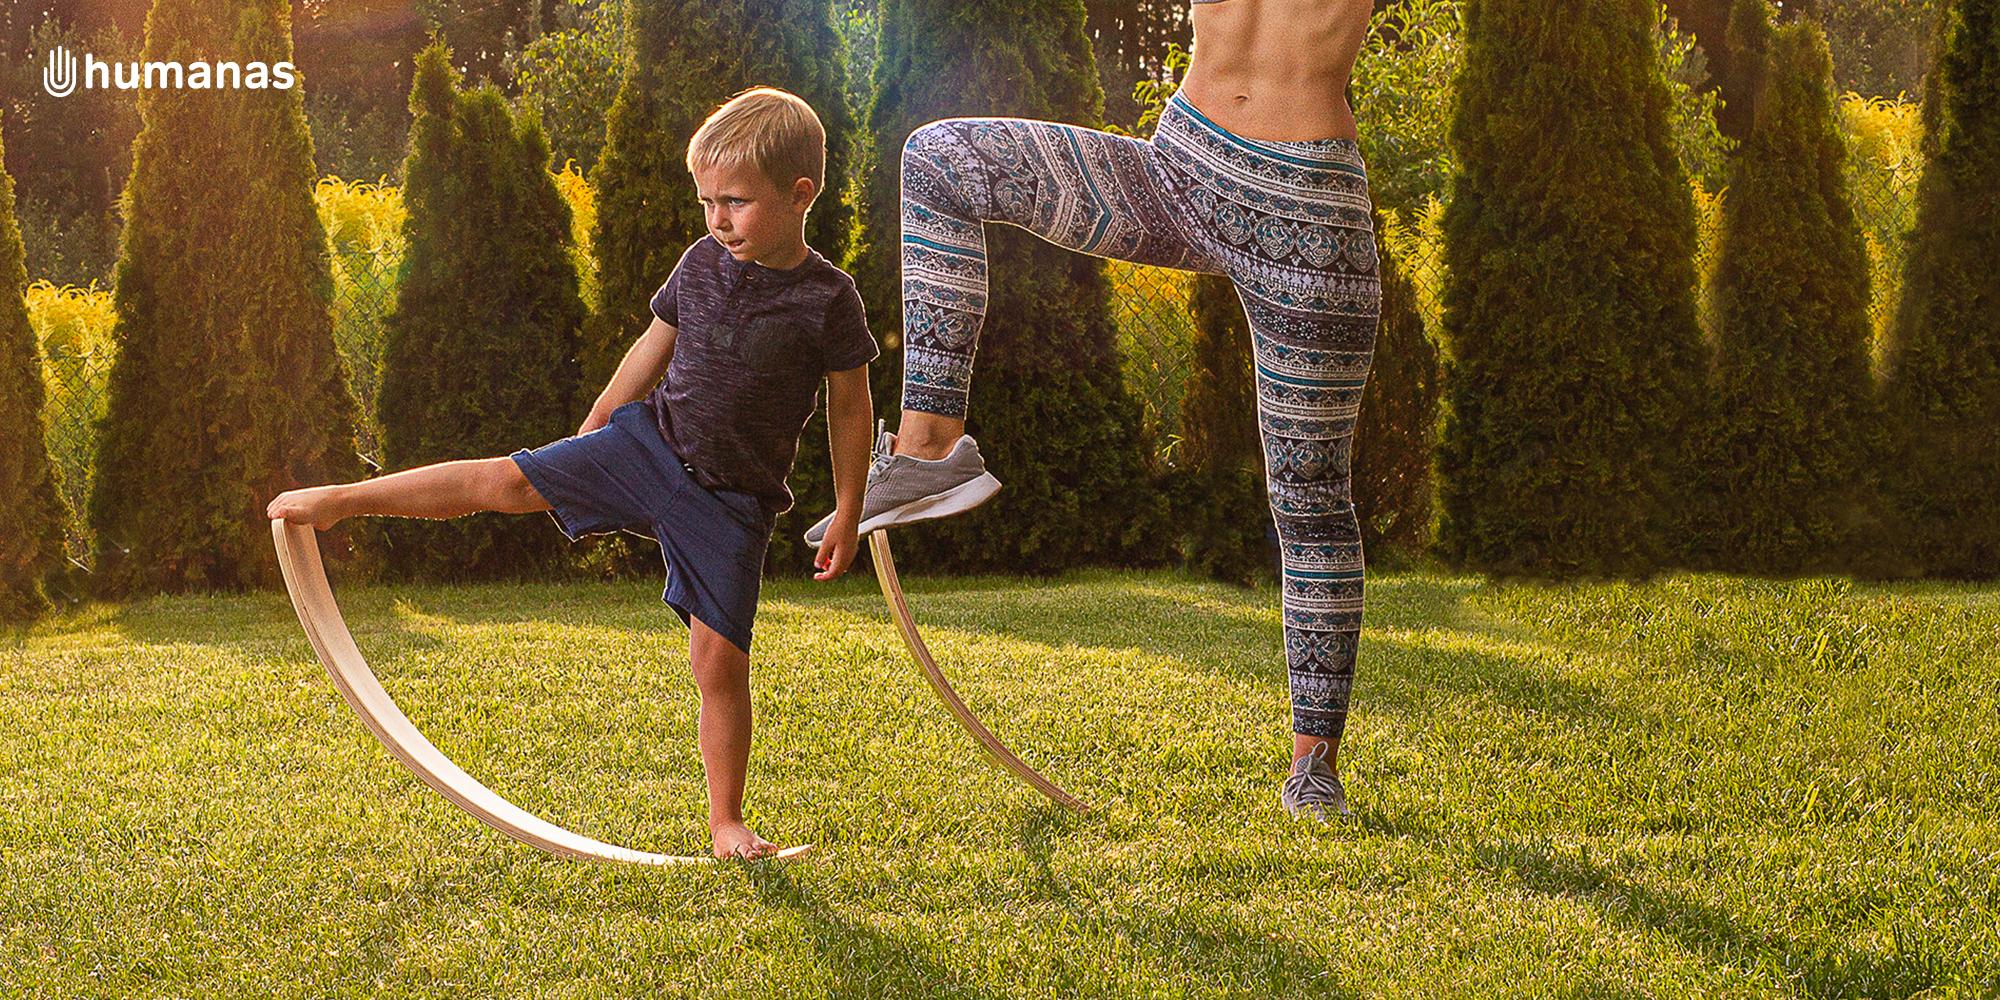 Kobieta i dziecko balansują na desce Humanas BoardOne